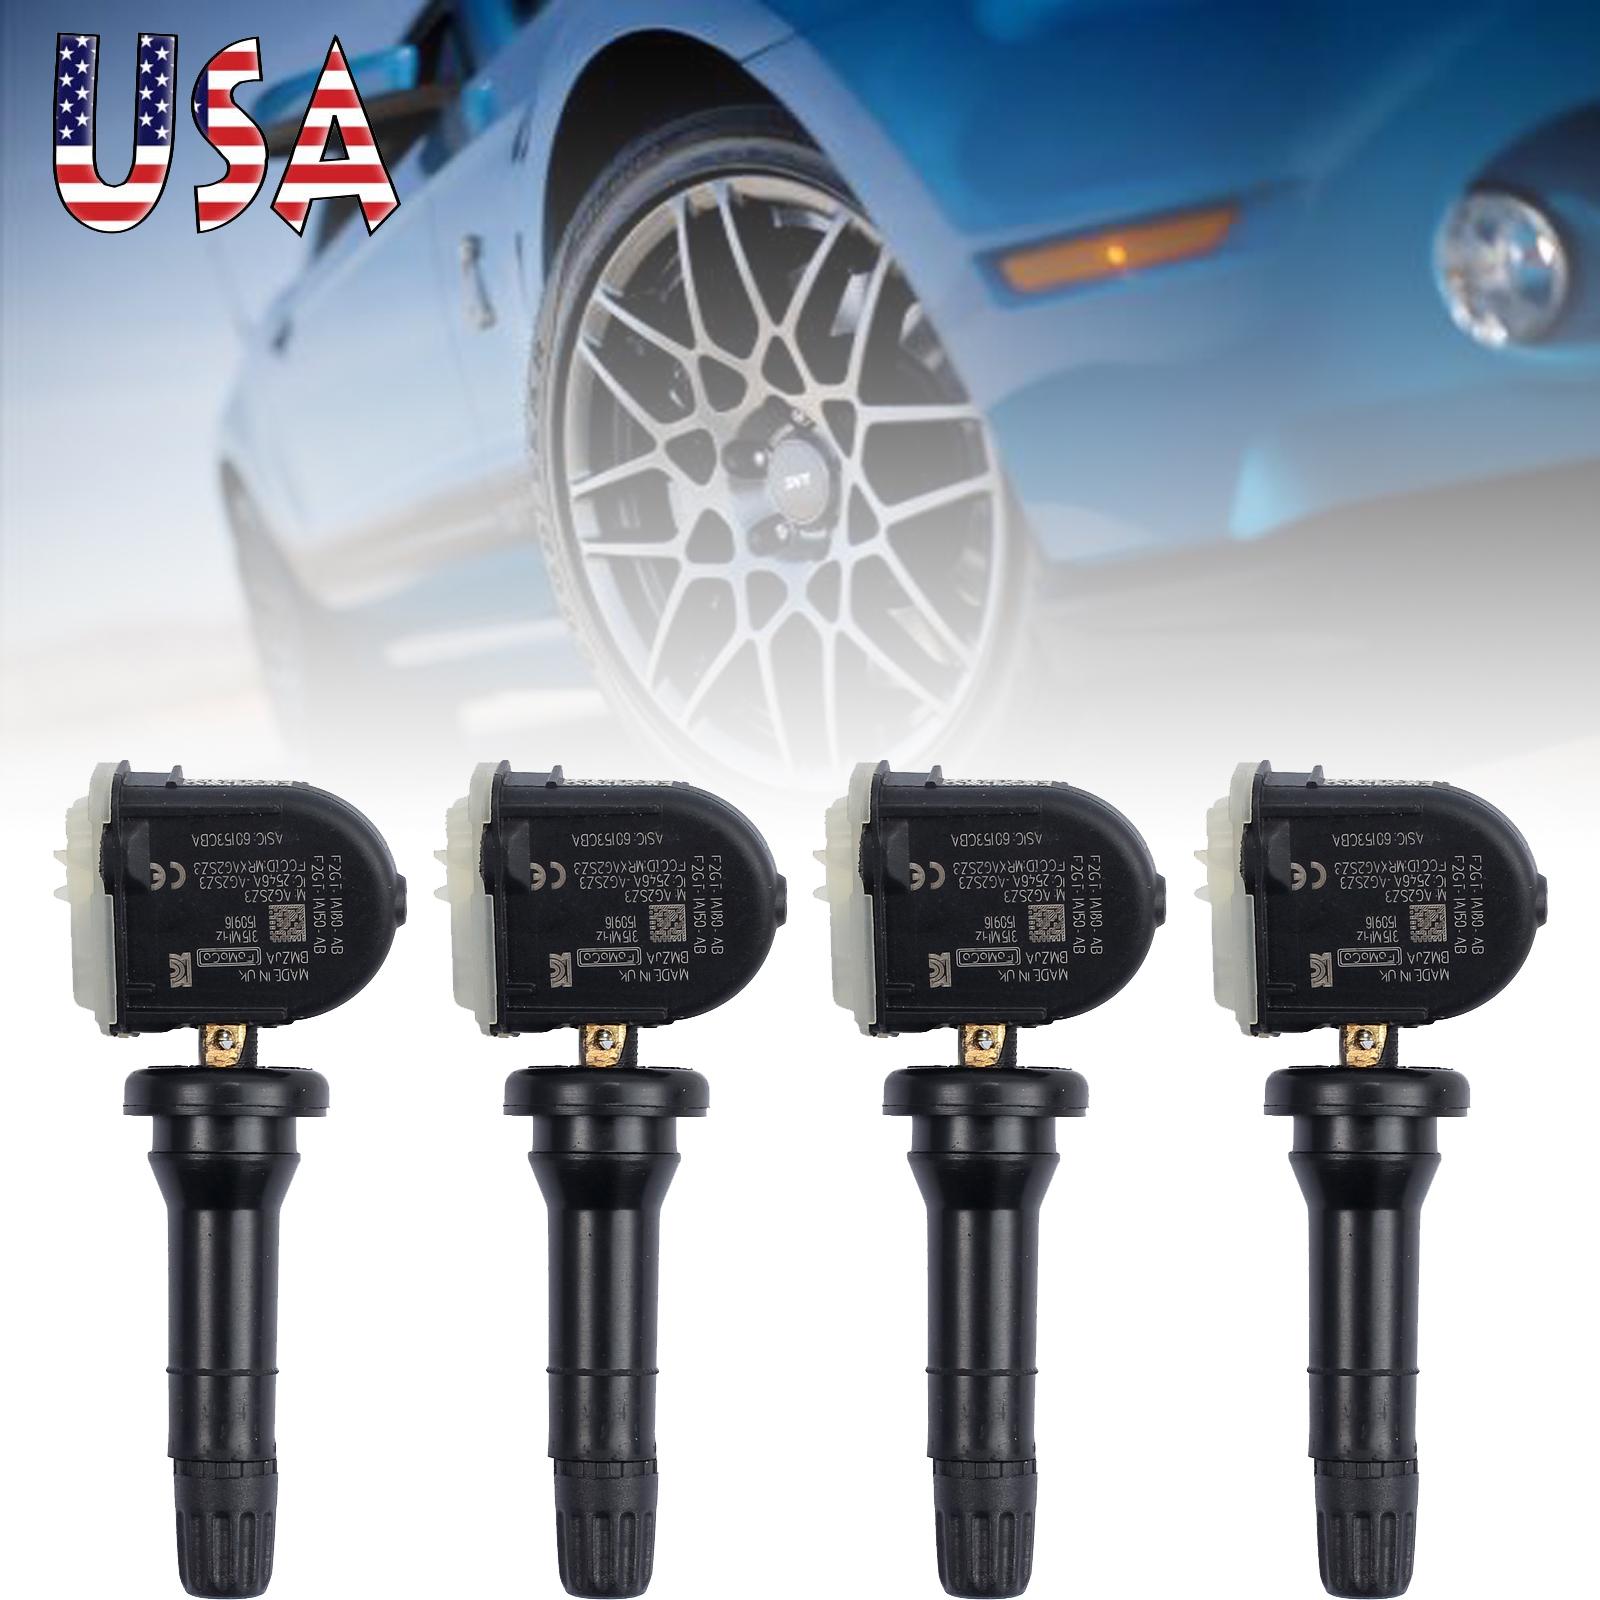 Esynic   Tpms Tire Pressure Monitoring Sensors Ford F  Edge Mustang Explorer Fgtaab Fgtaab Fgtaab Fgtacb Pcs Walmart Com